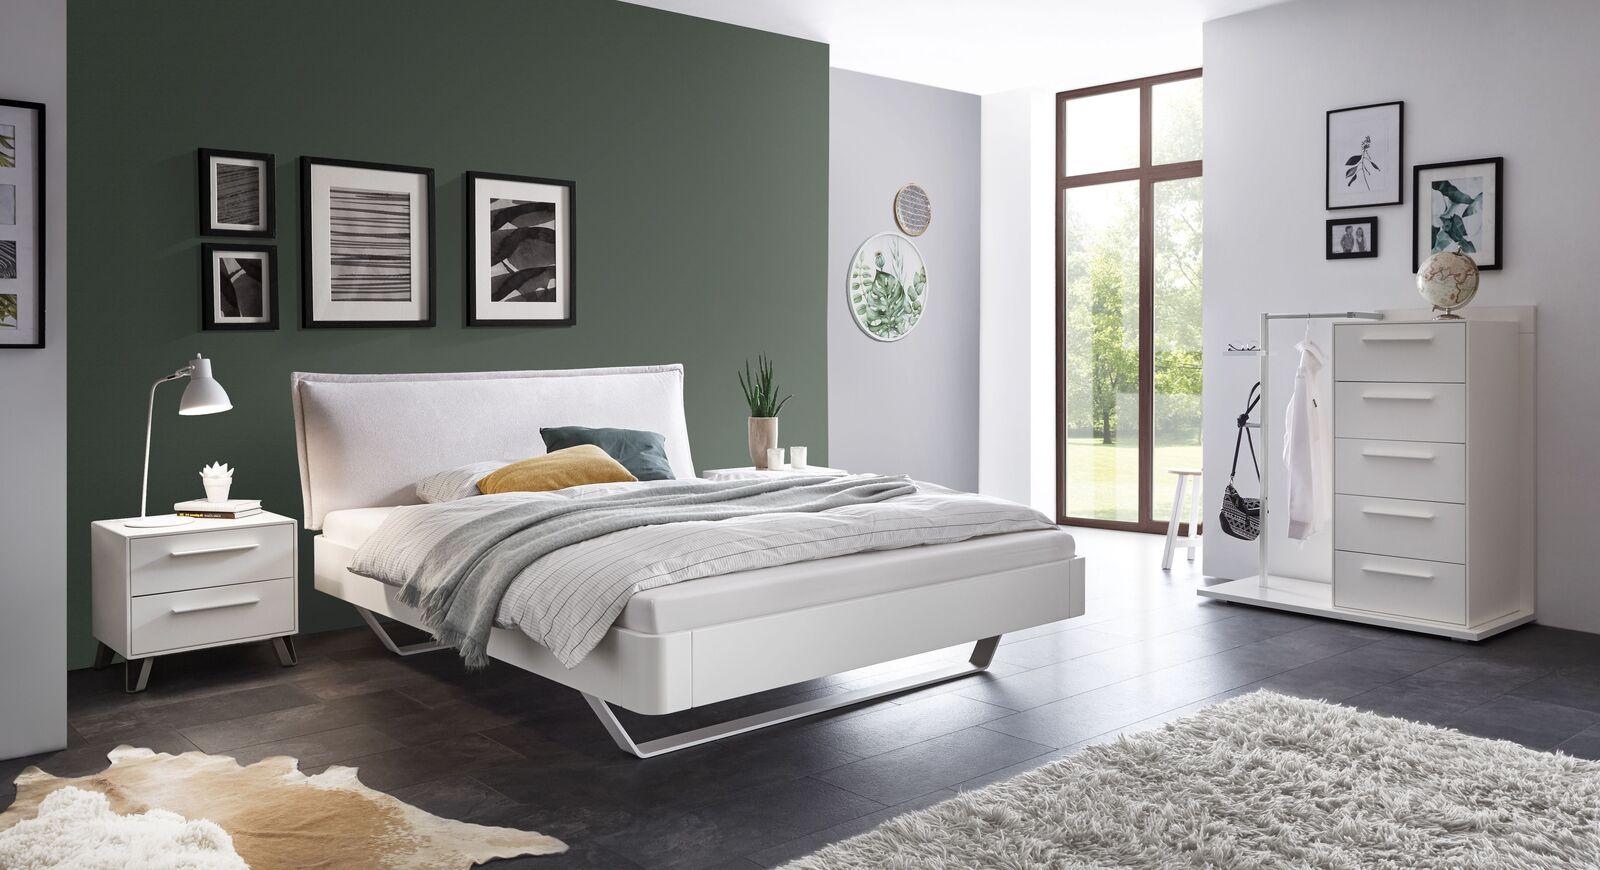 Bett Cilona mit passenden Schlafzimmermöbeln